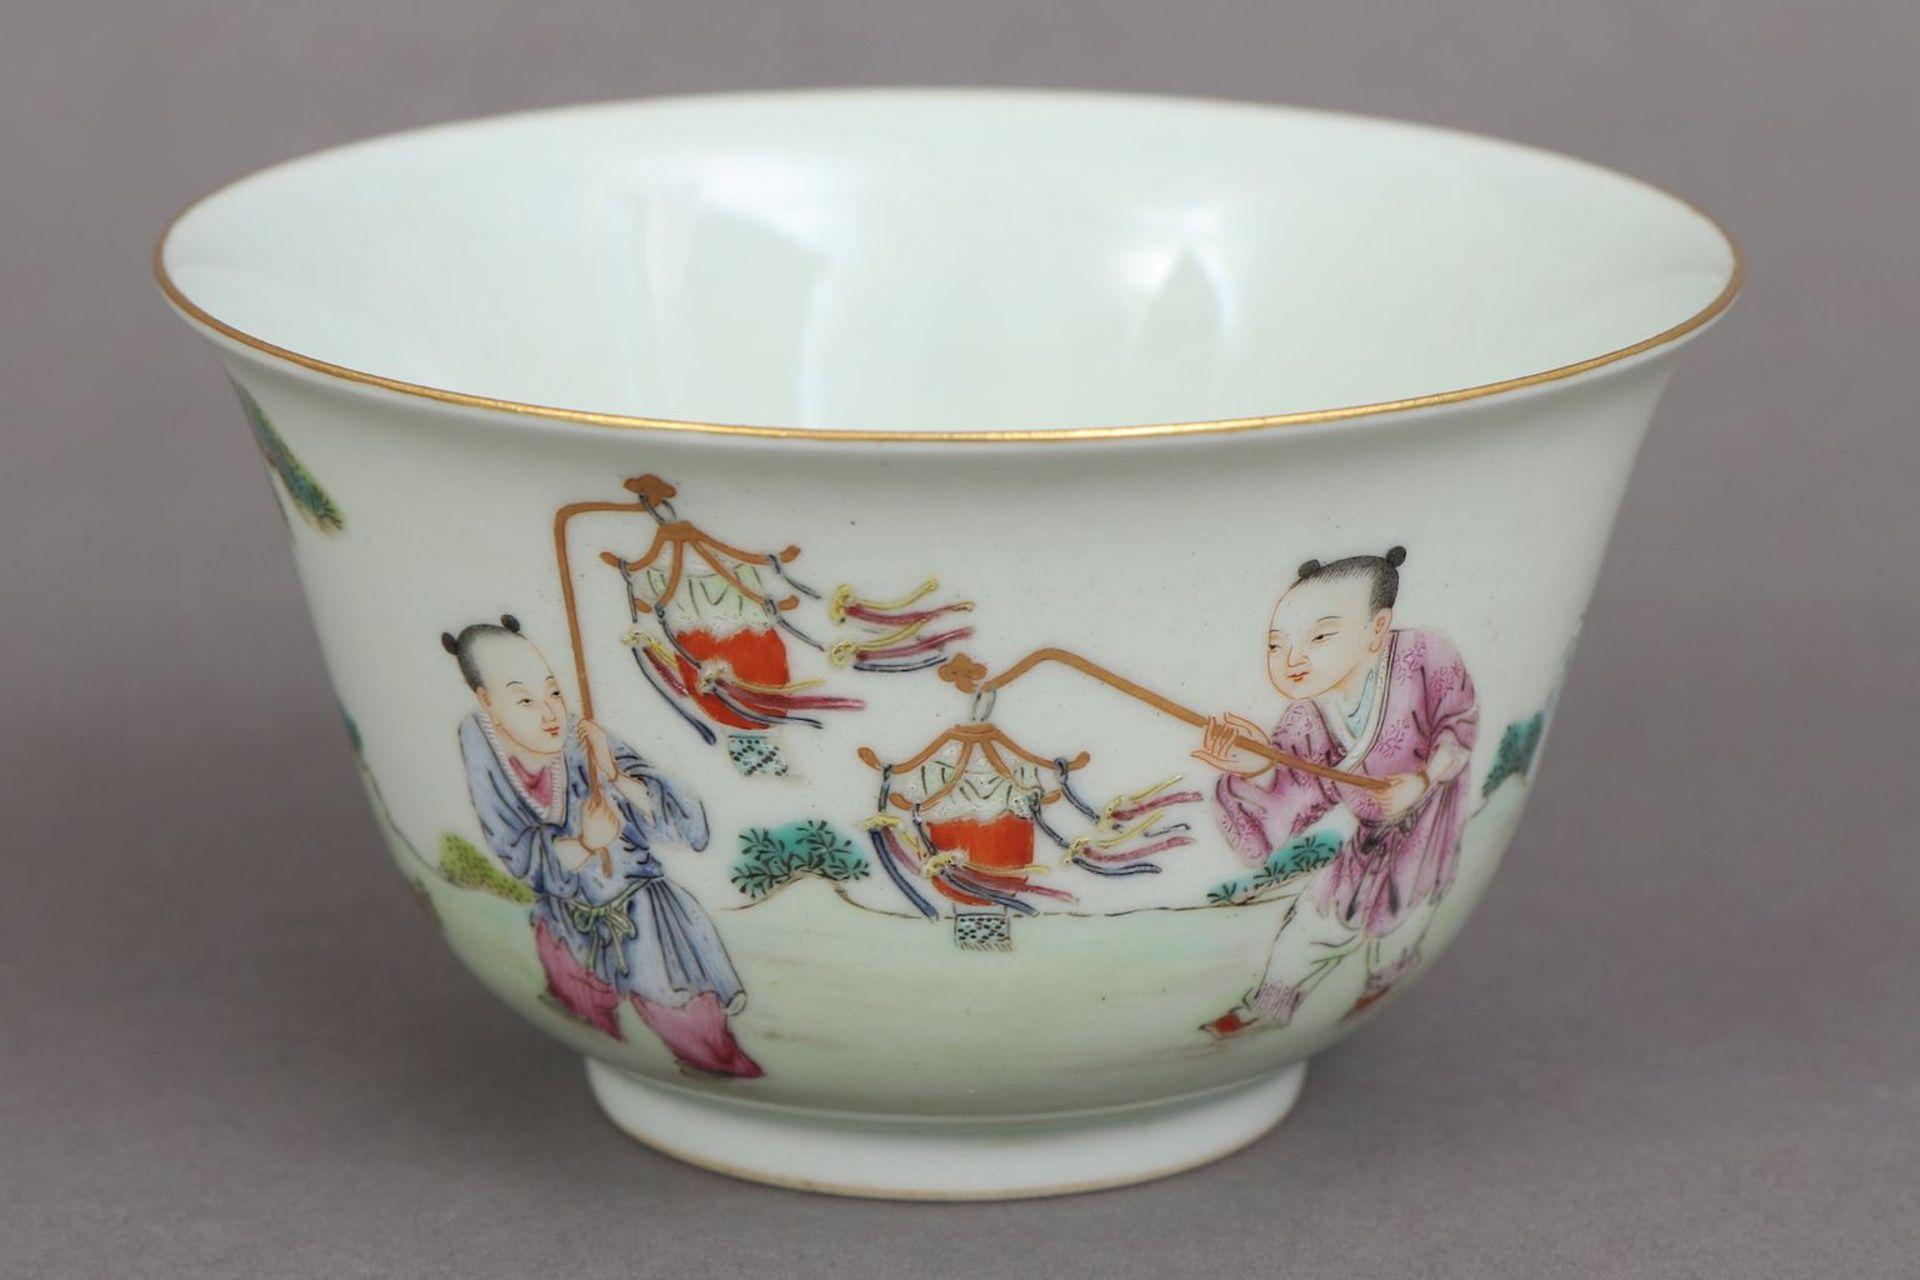 Chinesisches Porzellankoppchen des 20. Jahrhunderts